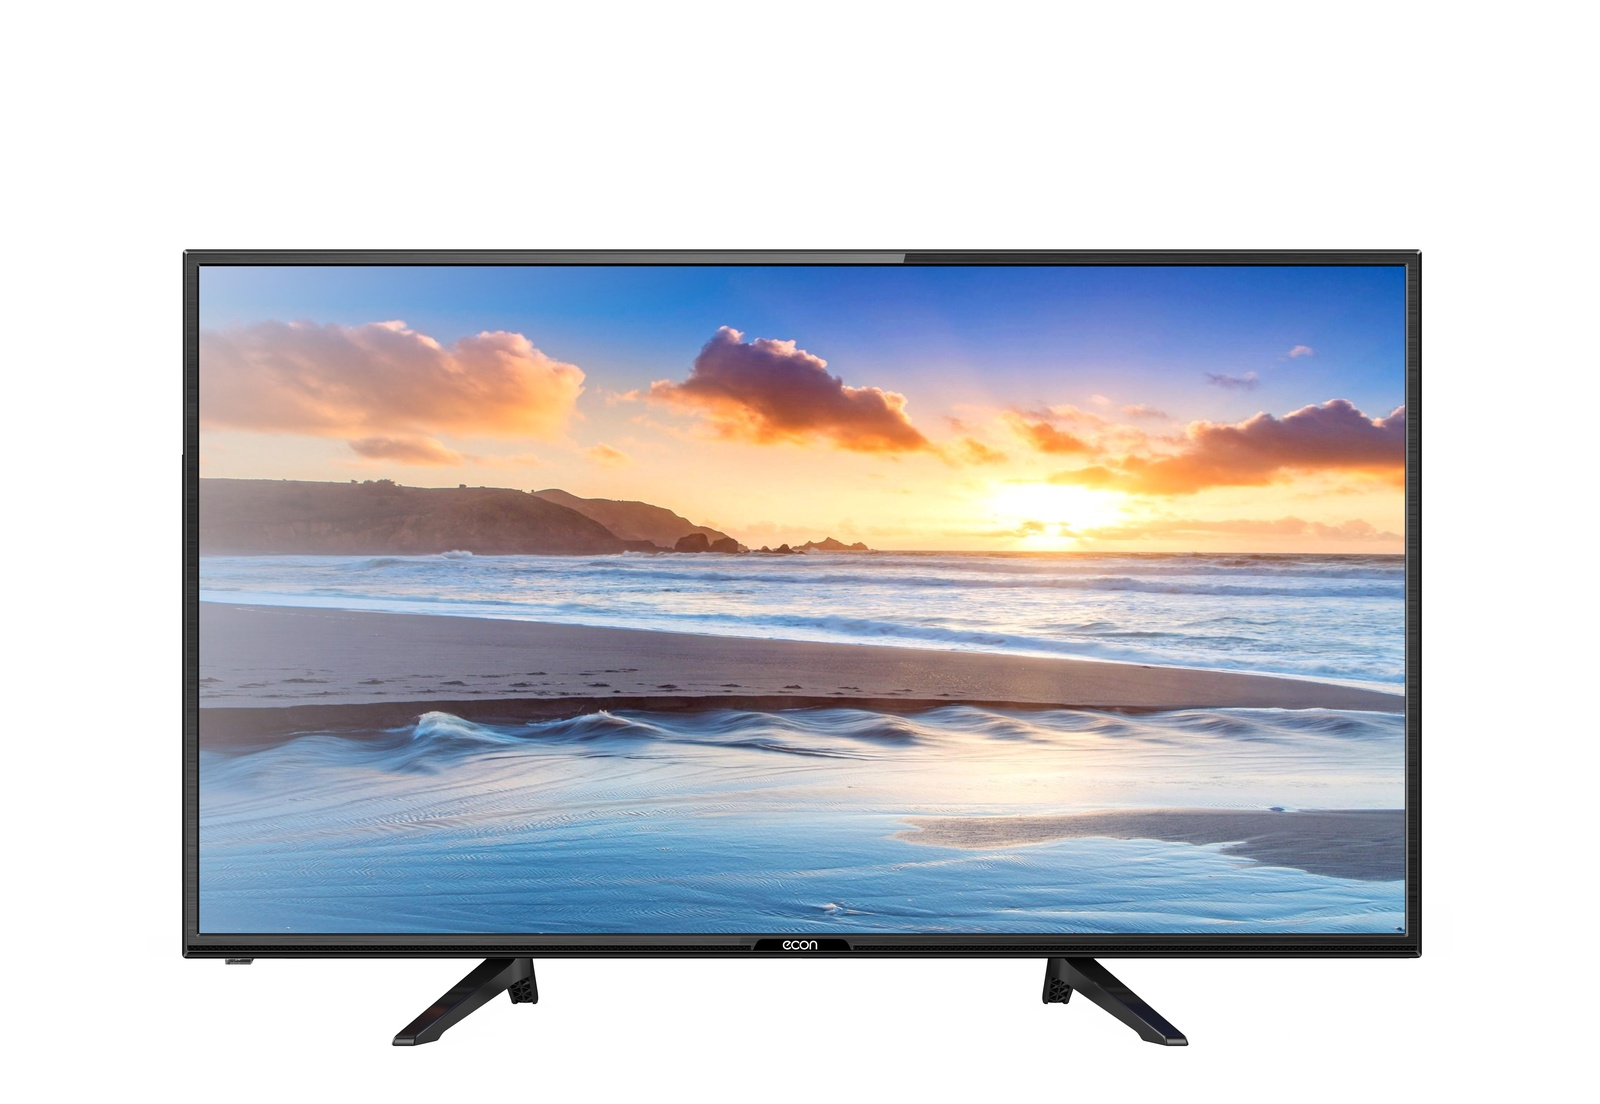 Телевизор ECON LED SMART TV, 32 (81 см), с встроенным спутниковым и цифровым тюнером , модулем WI-FI 32, черный